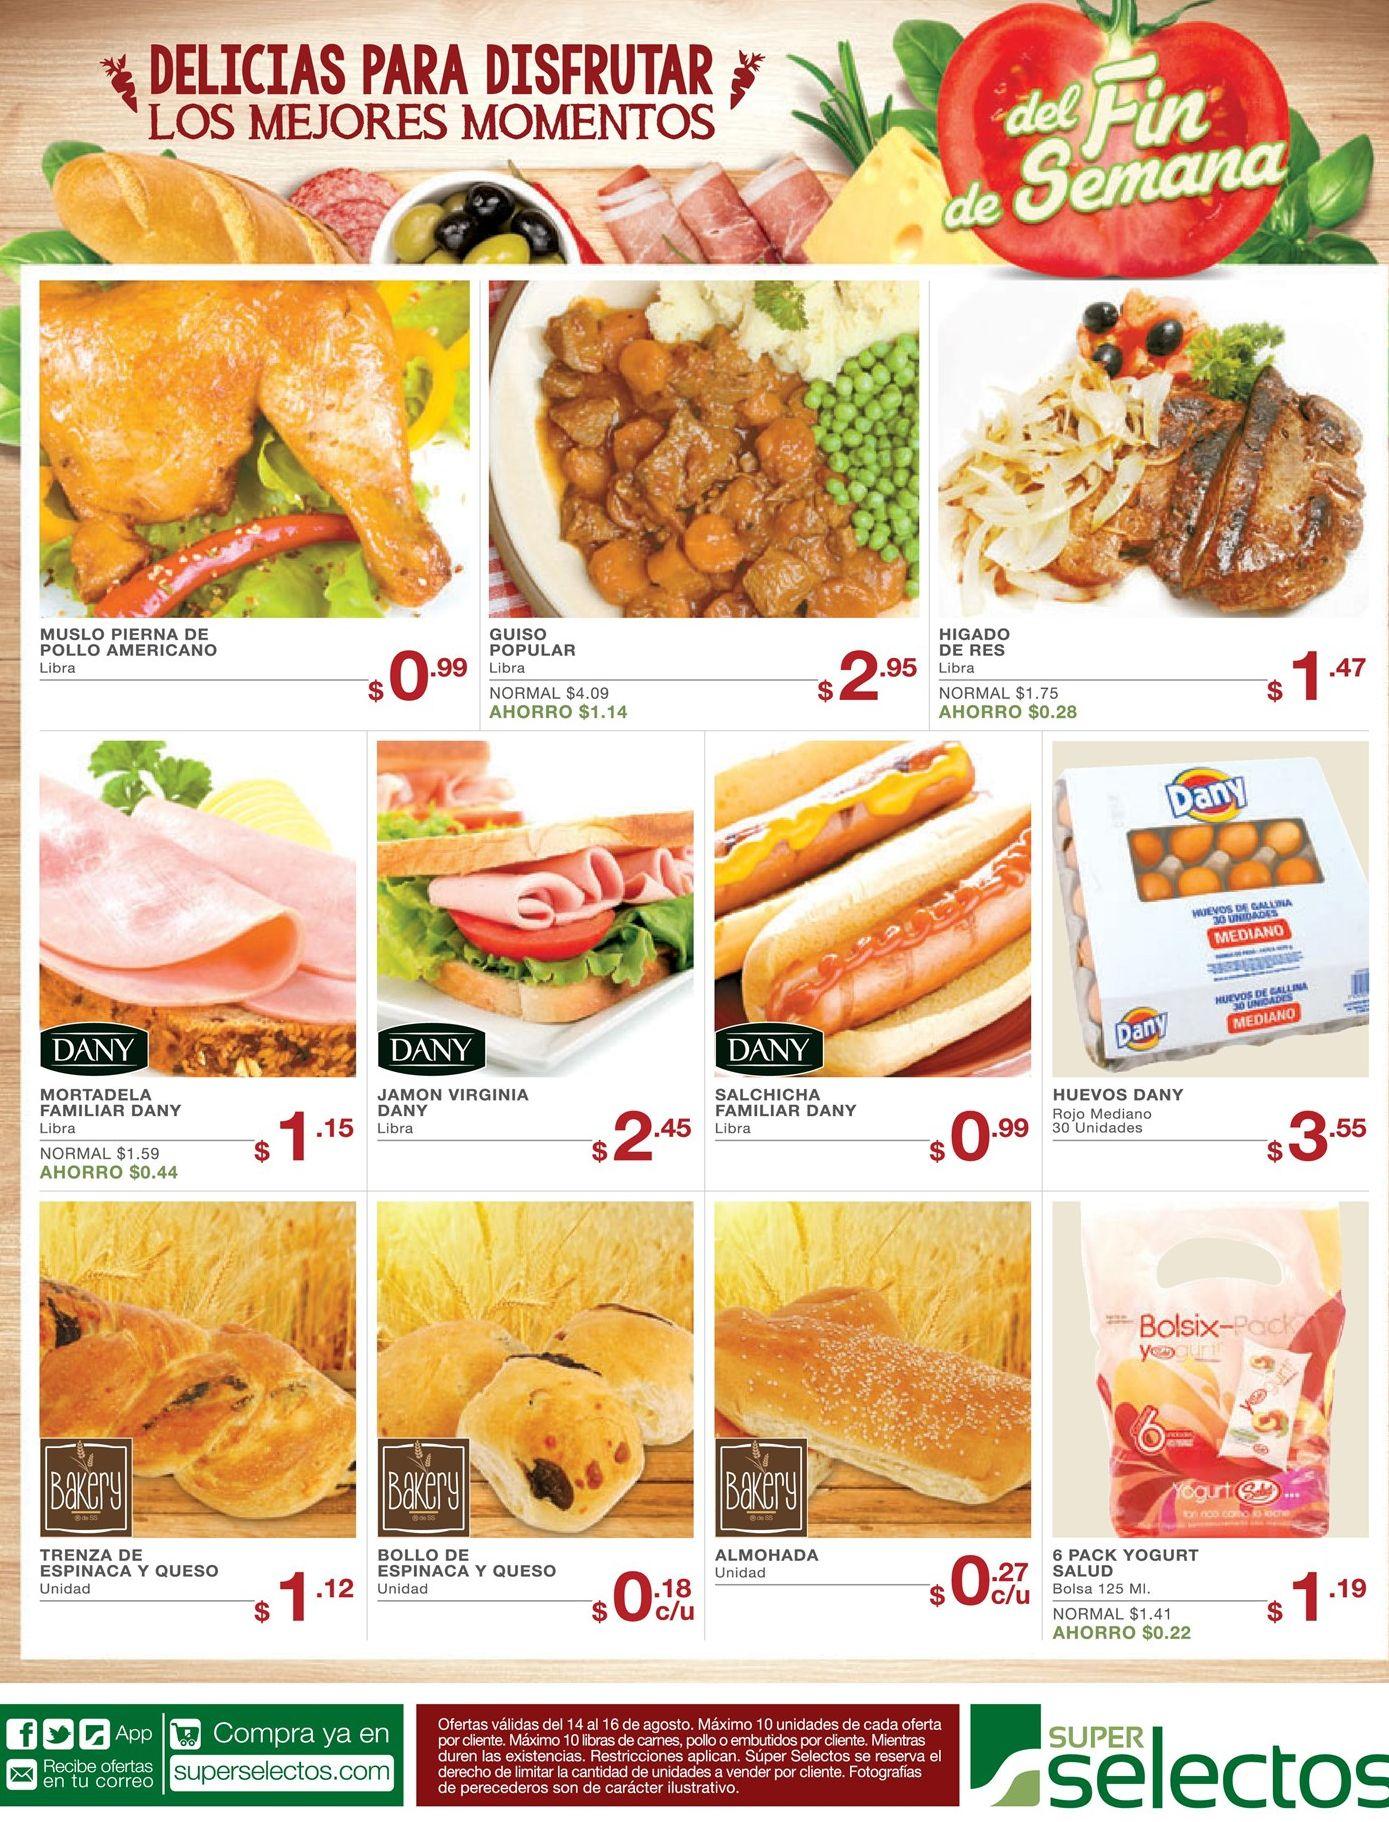 Ideas de comidas para disfrutar en el fin de semana 14ago15 ofertas ahora Ideas fin de semana